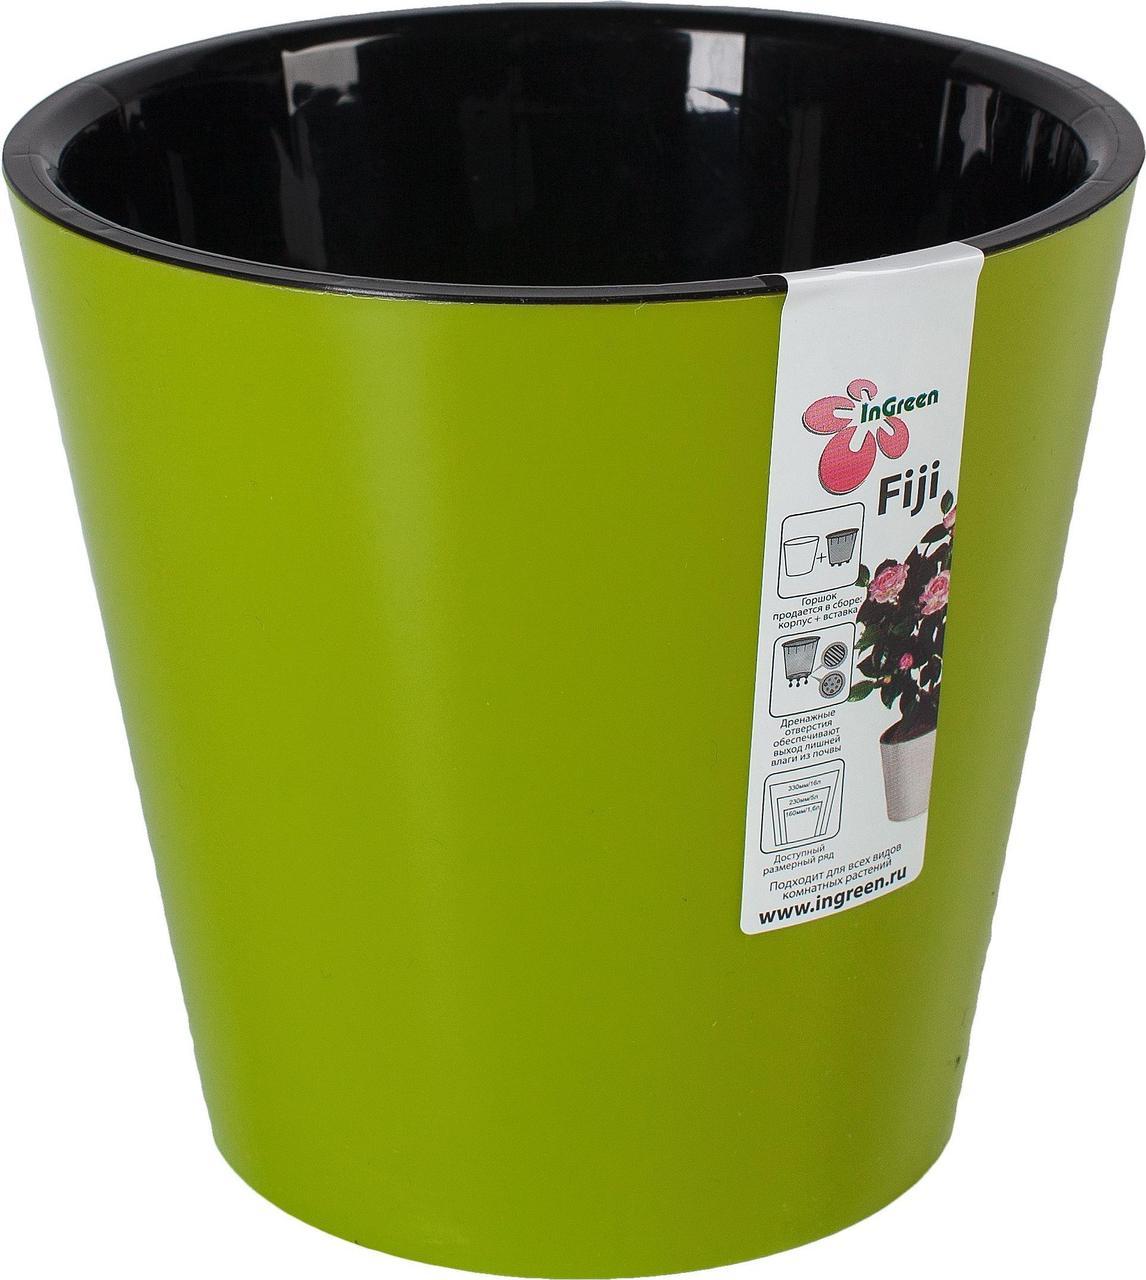 Горшок для цветов Фиджи D 330 мм/16 л на колесиках салатовый